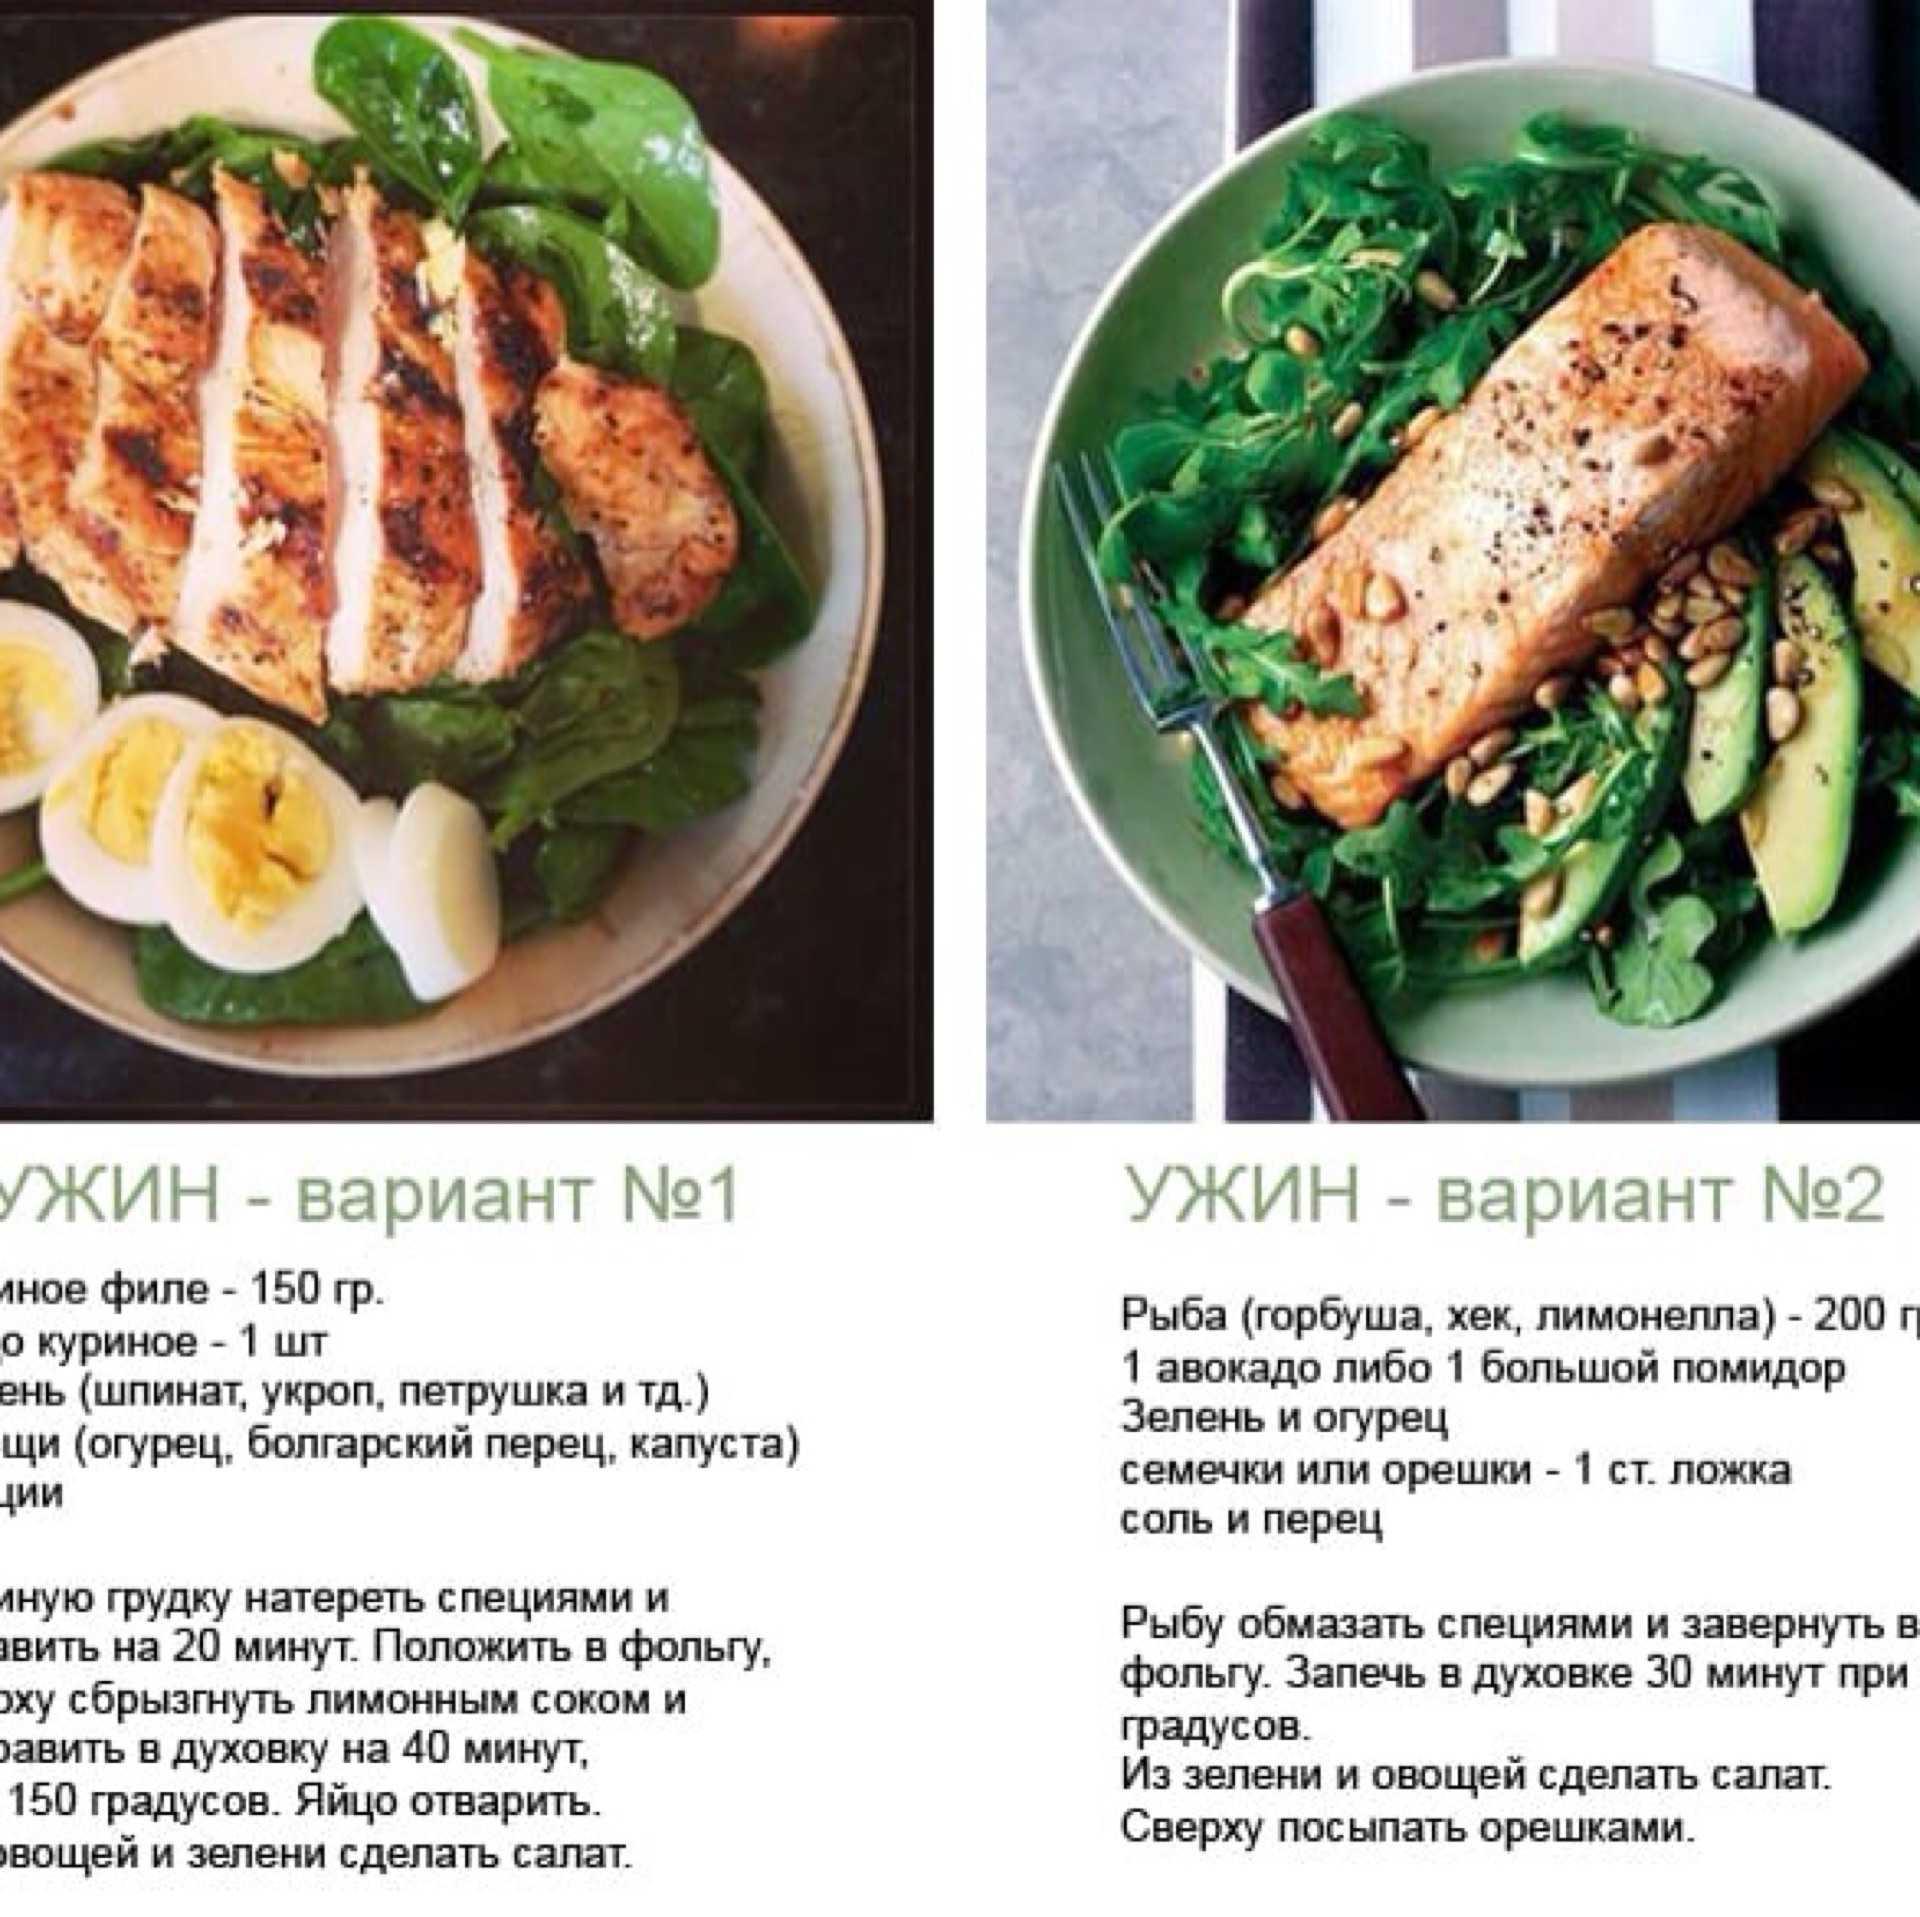 Самые эффективные белковые диеты минус 6 кг за 7 дней: простое меню на неделю, на каждый день